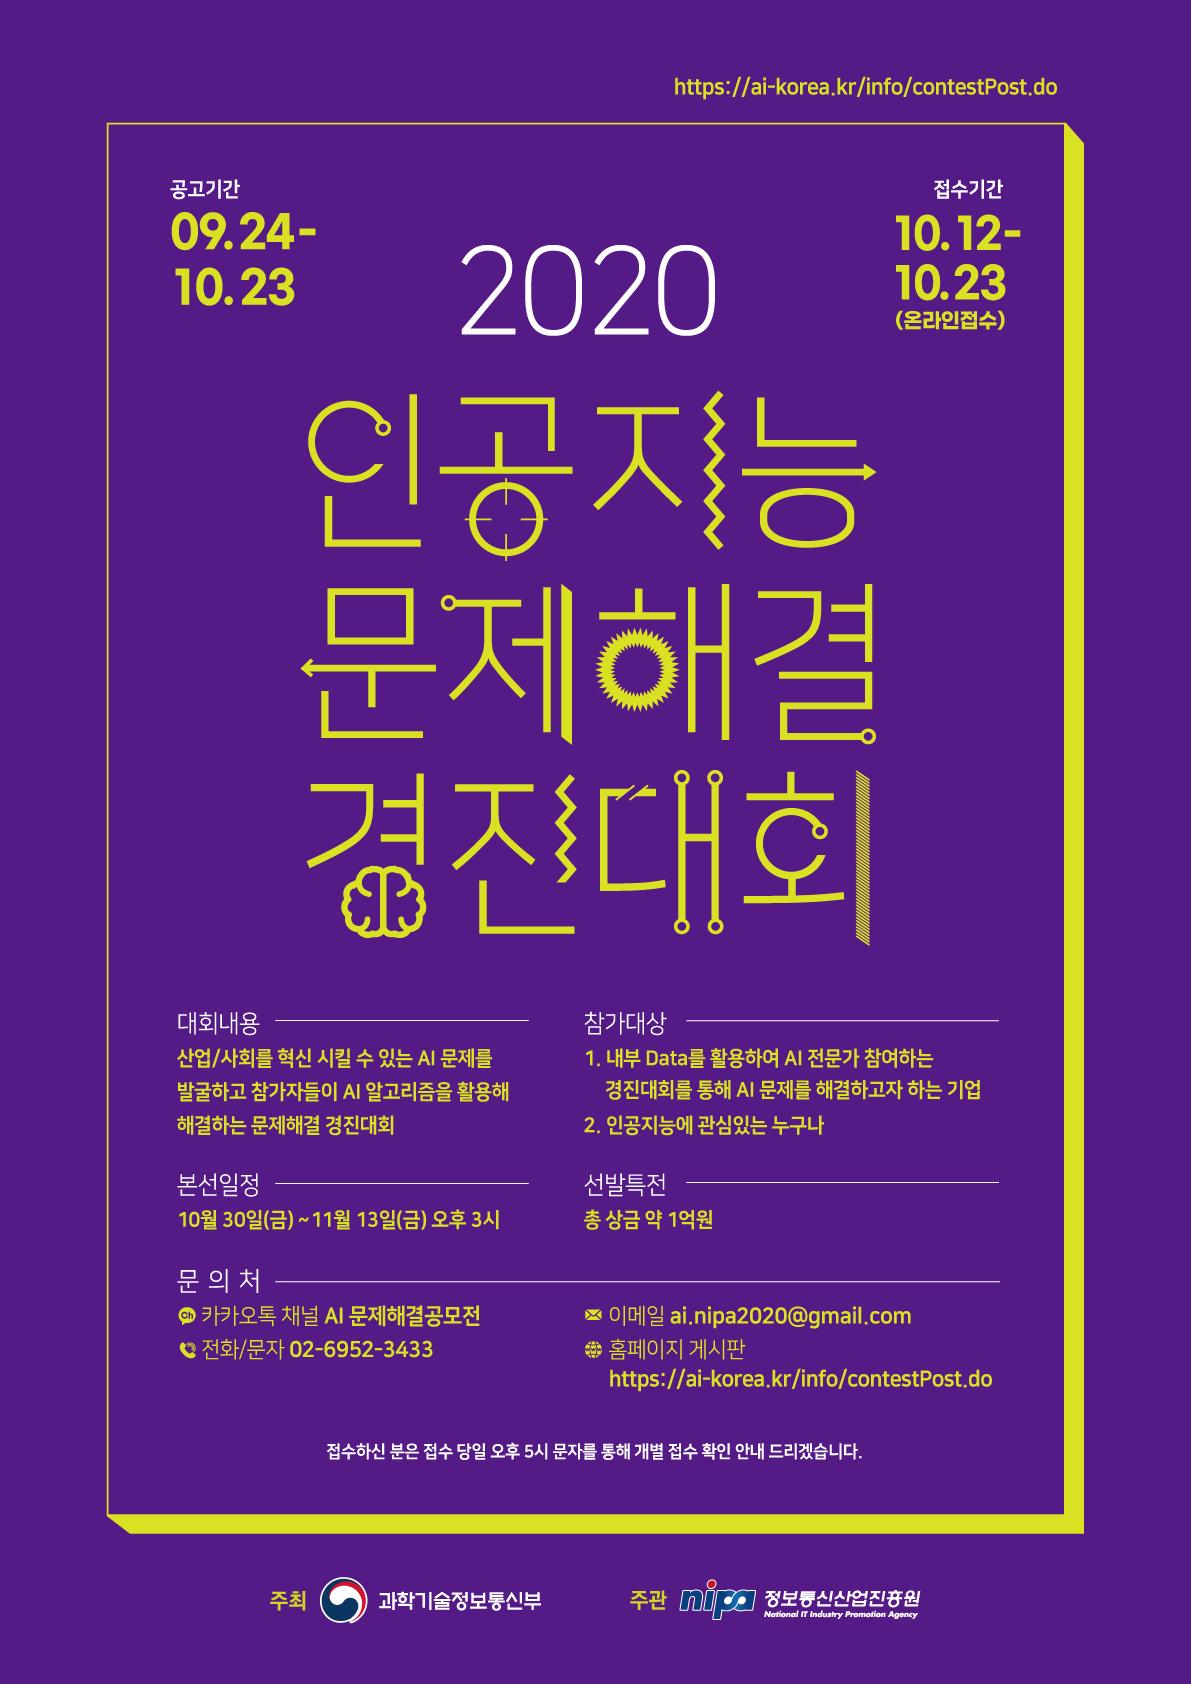 2.2020 인공지능 문제해결 경진대회 (포스터).png